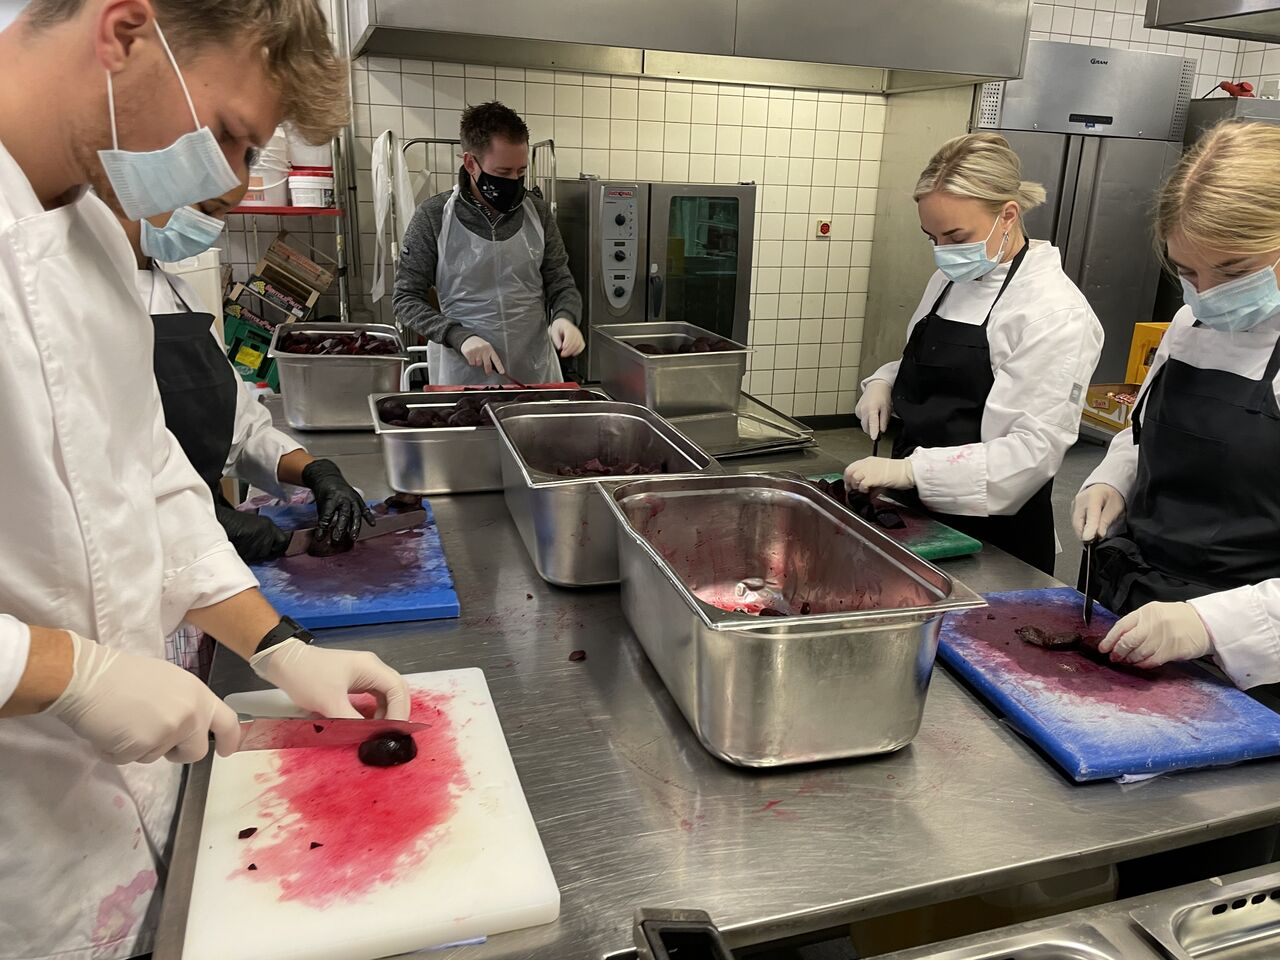 Der vil i stigende grad blive behov for flere medarbejdere, efterhånden som restauranter, hoteller og så videre genåbner. Arkivfoto fra Odense Congress Center.